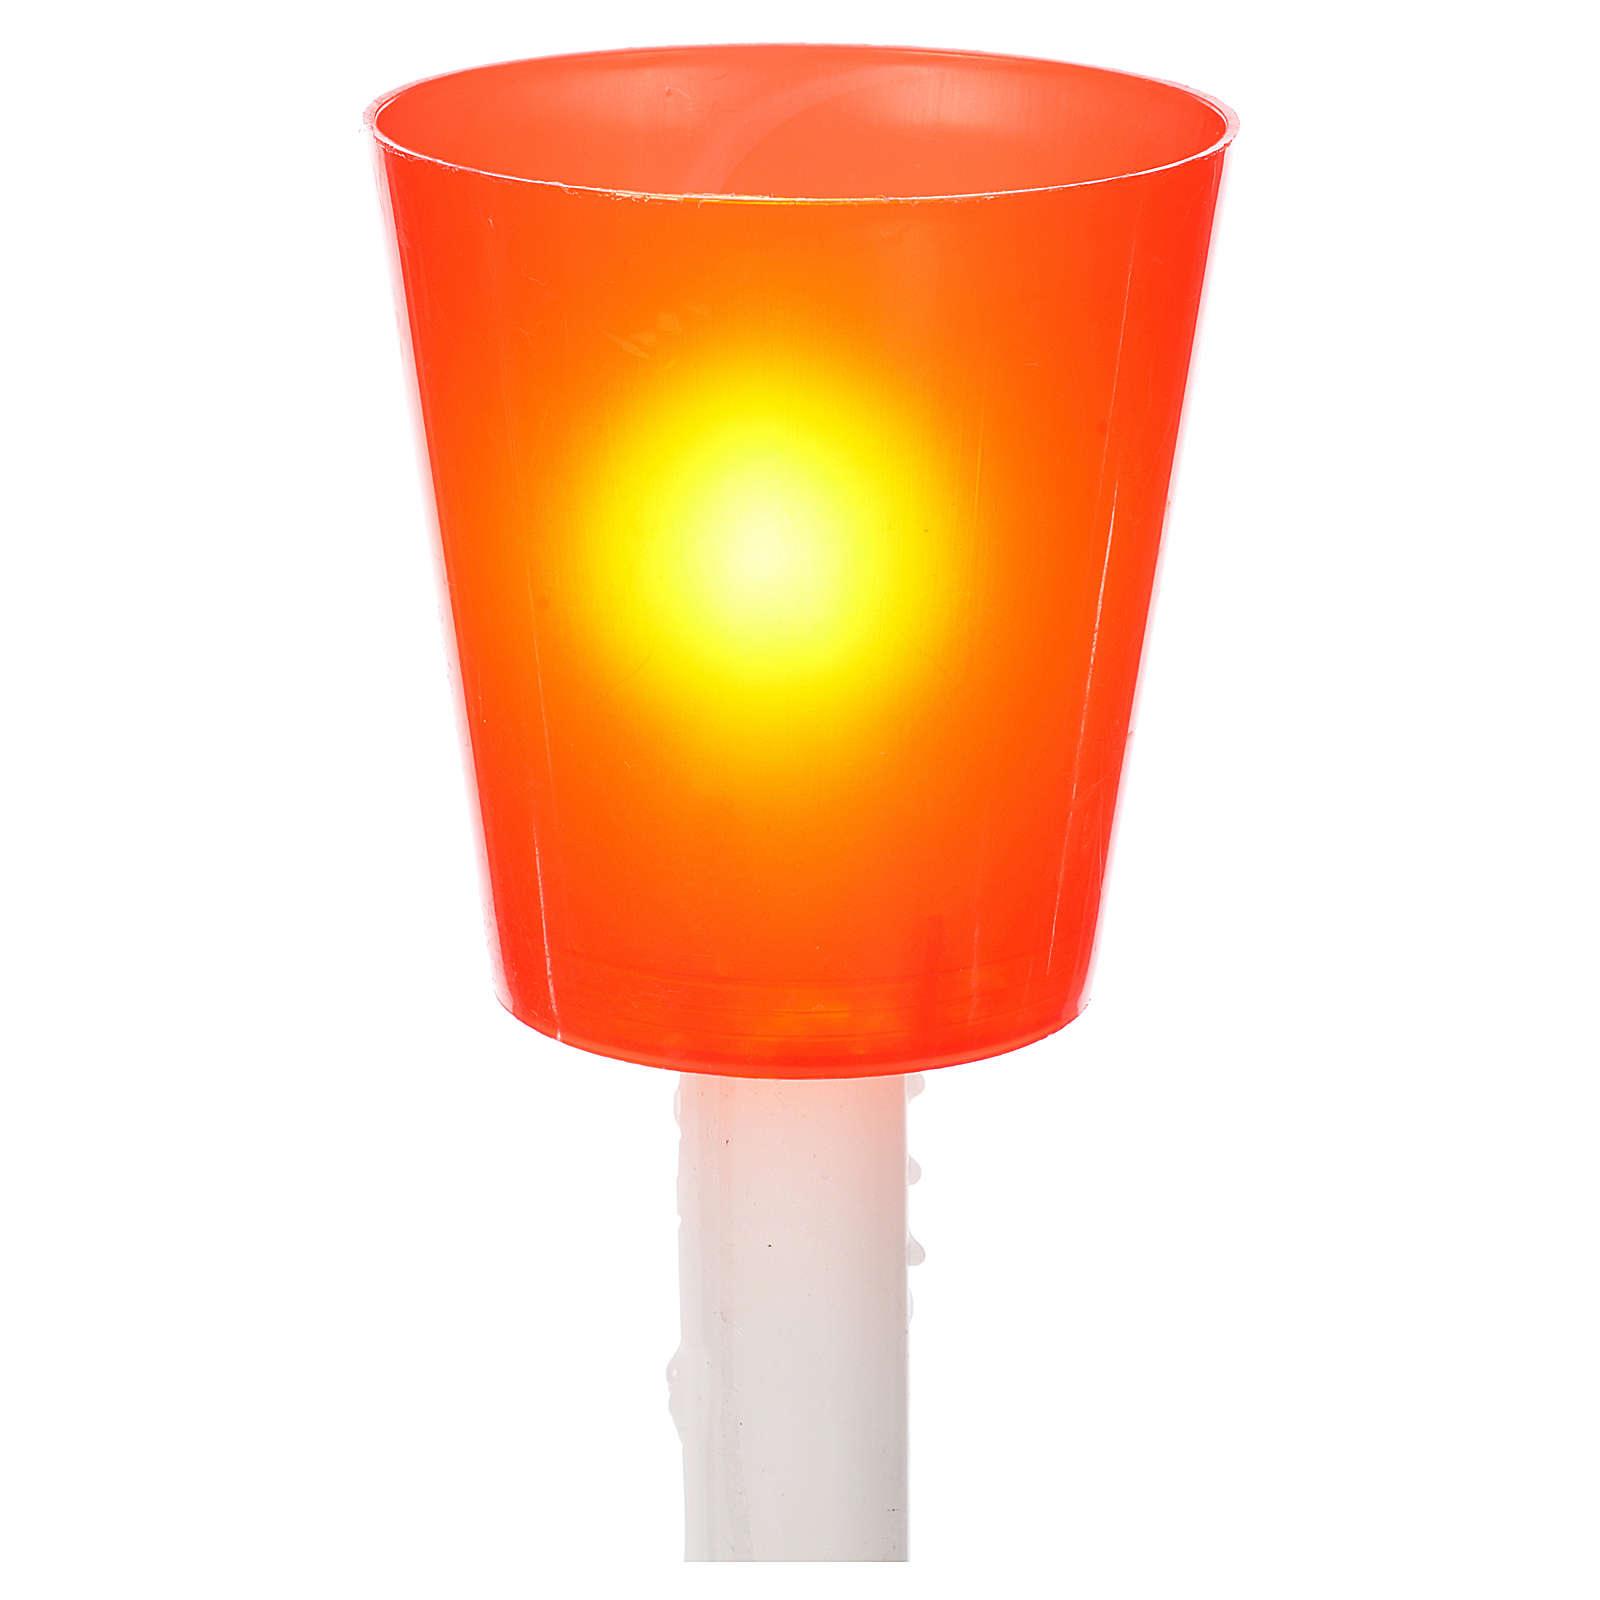 Flambeaux en plastique colorée, lot 30 pcs 3